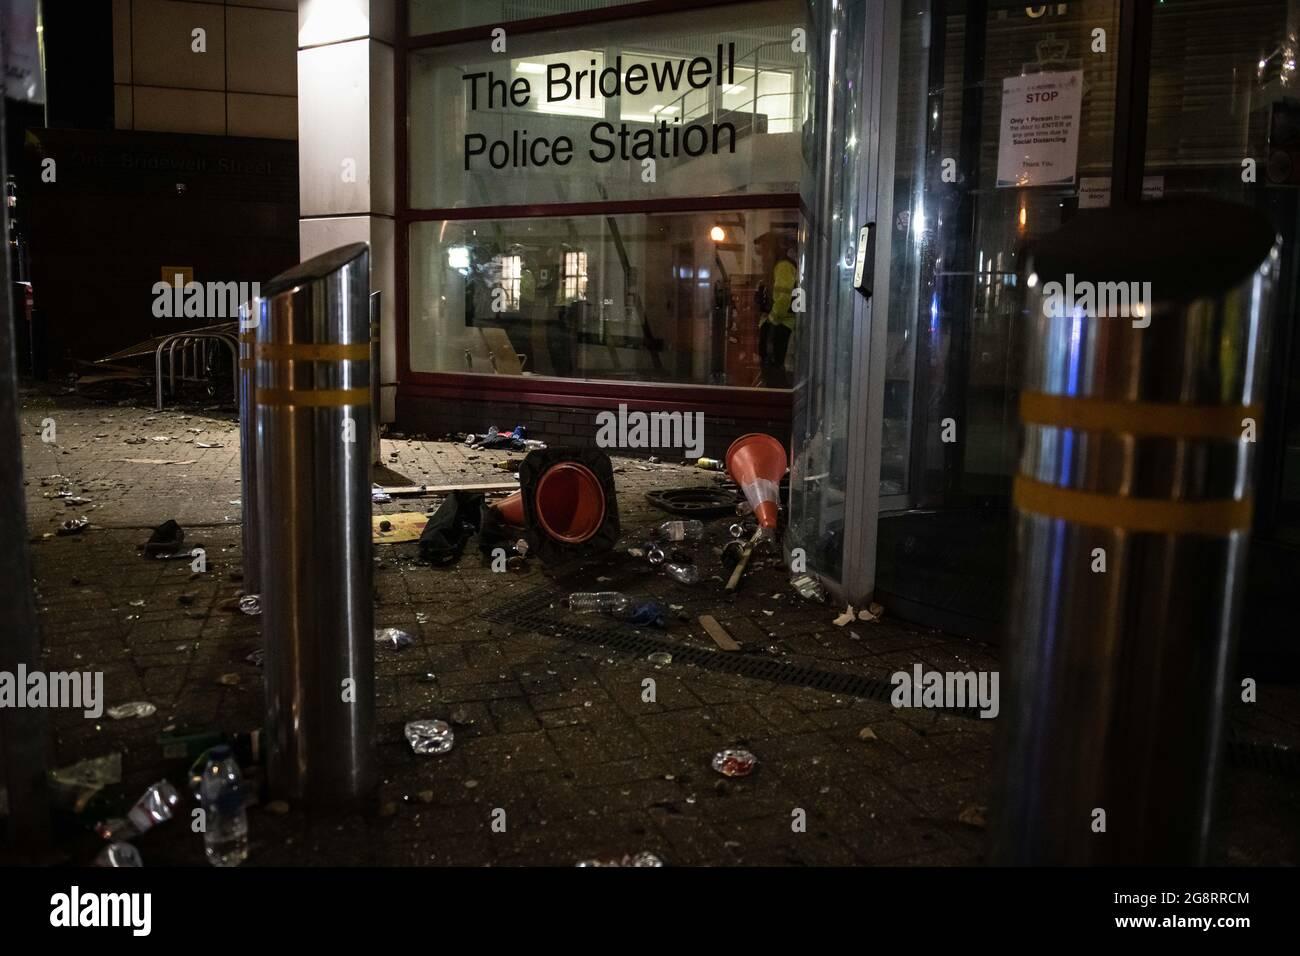 Bristol, Reino Unido. 21st de marzo de 2021. En la foto: La escena caótica fuera de la estación de policía de Bridgewell después de que el motín había terminado. / Los manifestantes atacaron a la policía después de que miles de personas asistieran a una protesta de que los oficiales habían 'aconsejado trongly' contra unirse. Los oficiales sufrieron huesos rotos y los vehículos de la policía fueron incendiados cuando se desarrollaron escenas de enojo en el centro de la ciudad de Bristol. Temprano en el día, una multitud muy pacífica se había reunido para la manifestación de Kill the Bill en oposición a la Ley de Policía y Crimen, pero por la noche los manifestantes escalaron la Estación de Policía de Bridgewell, arrojaron fuegos artificiales a la multitud y Foto de stock